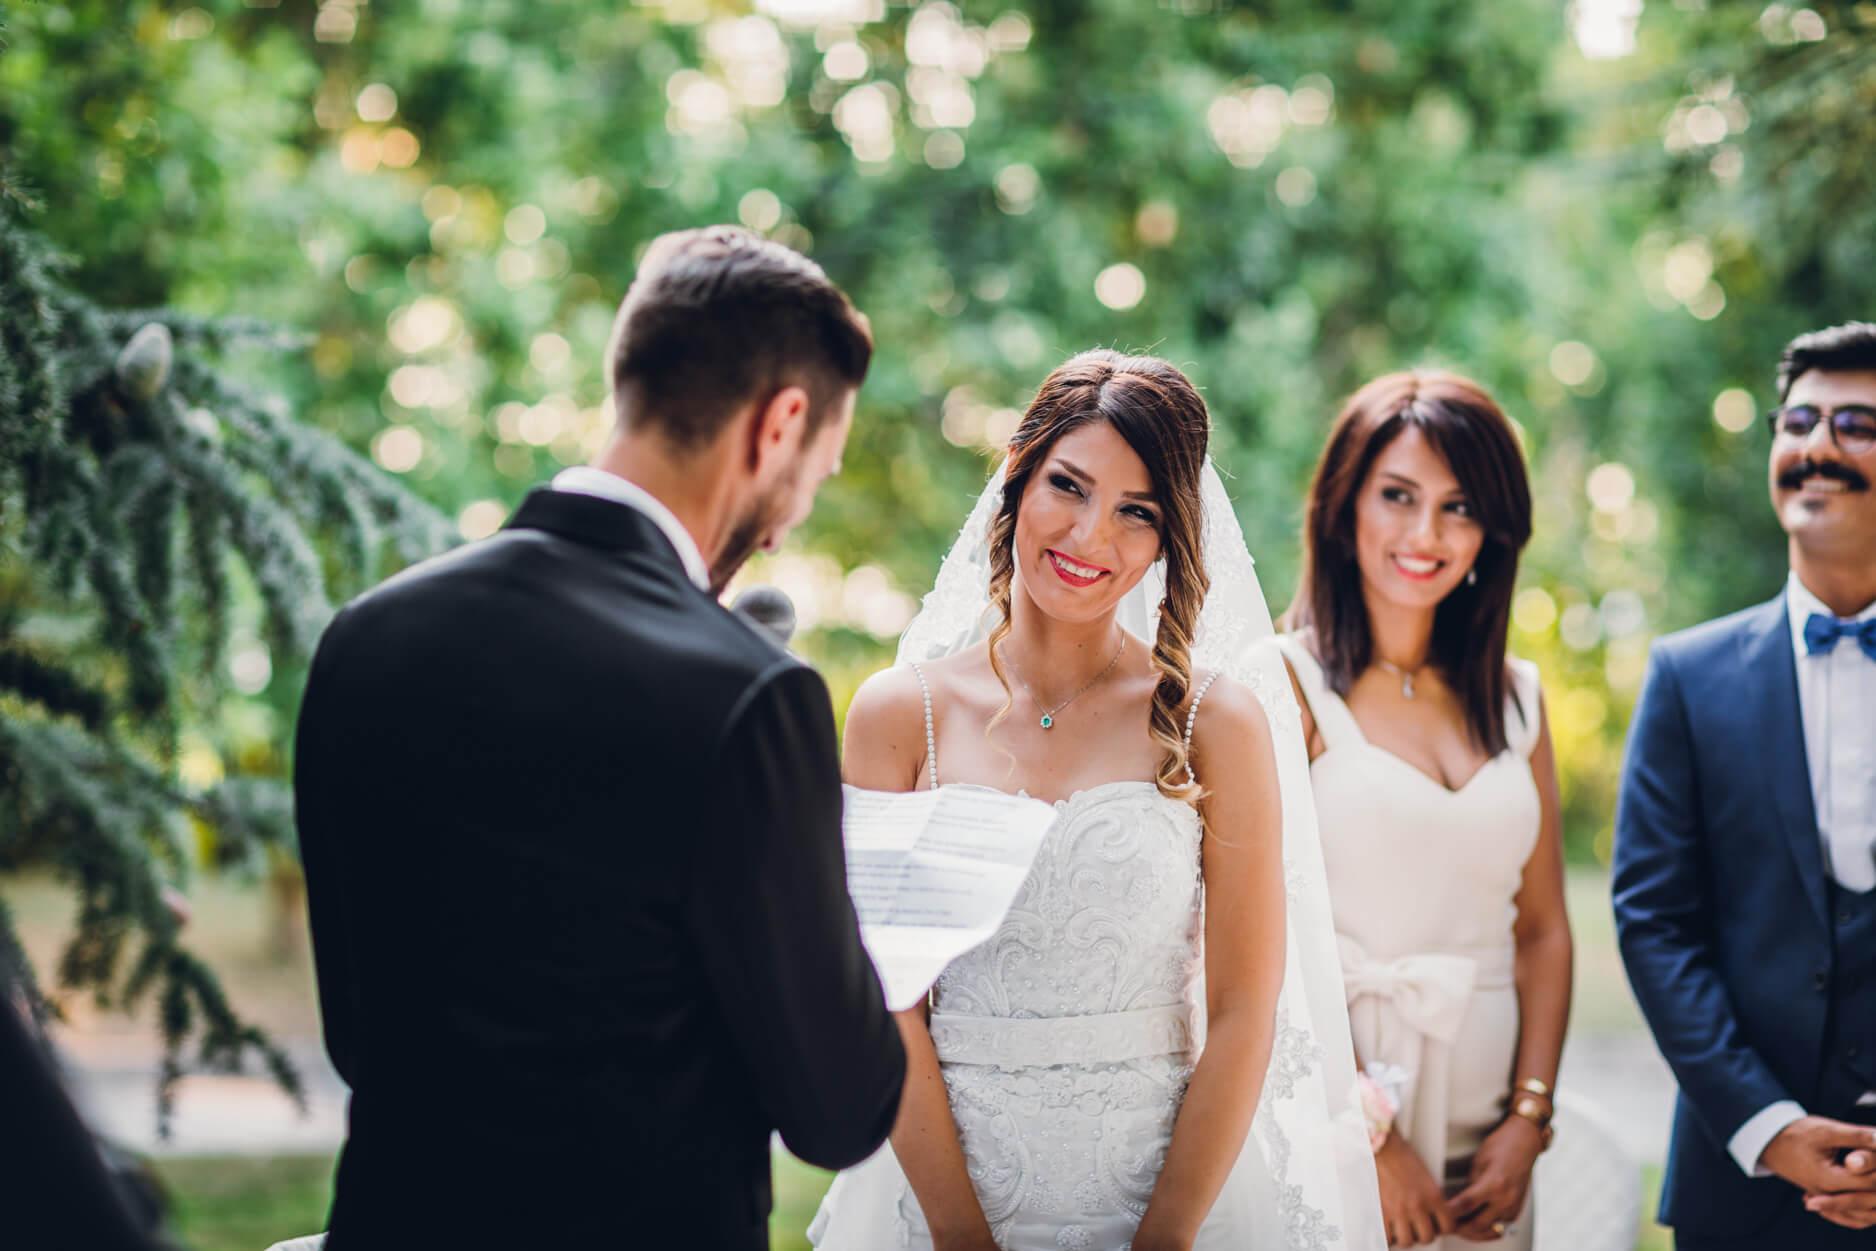 Promessa Di Matrimonio Frasi Sposi.Frasi Per Le Promesse Di Matrimonio Ecco 16 Idee